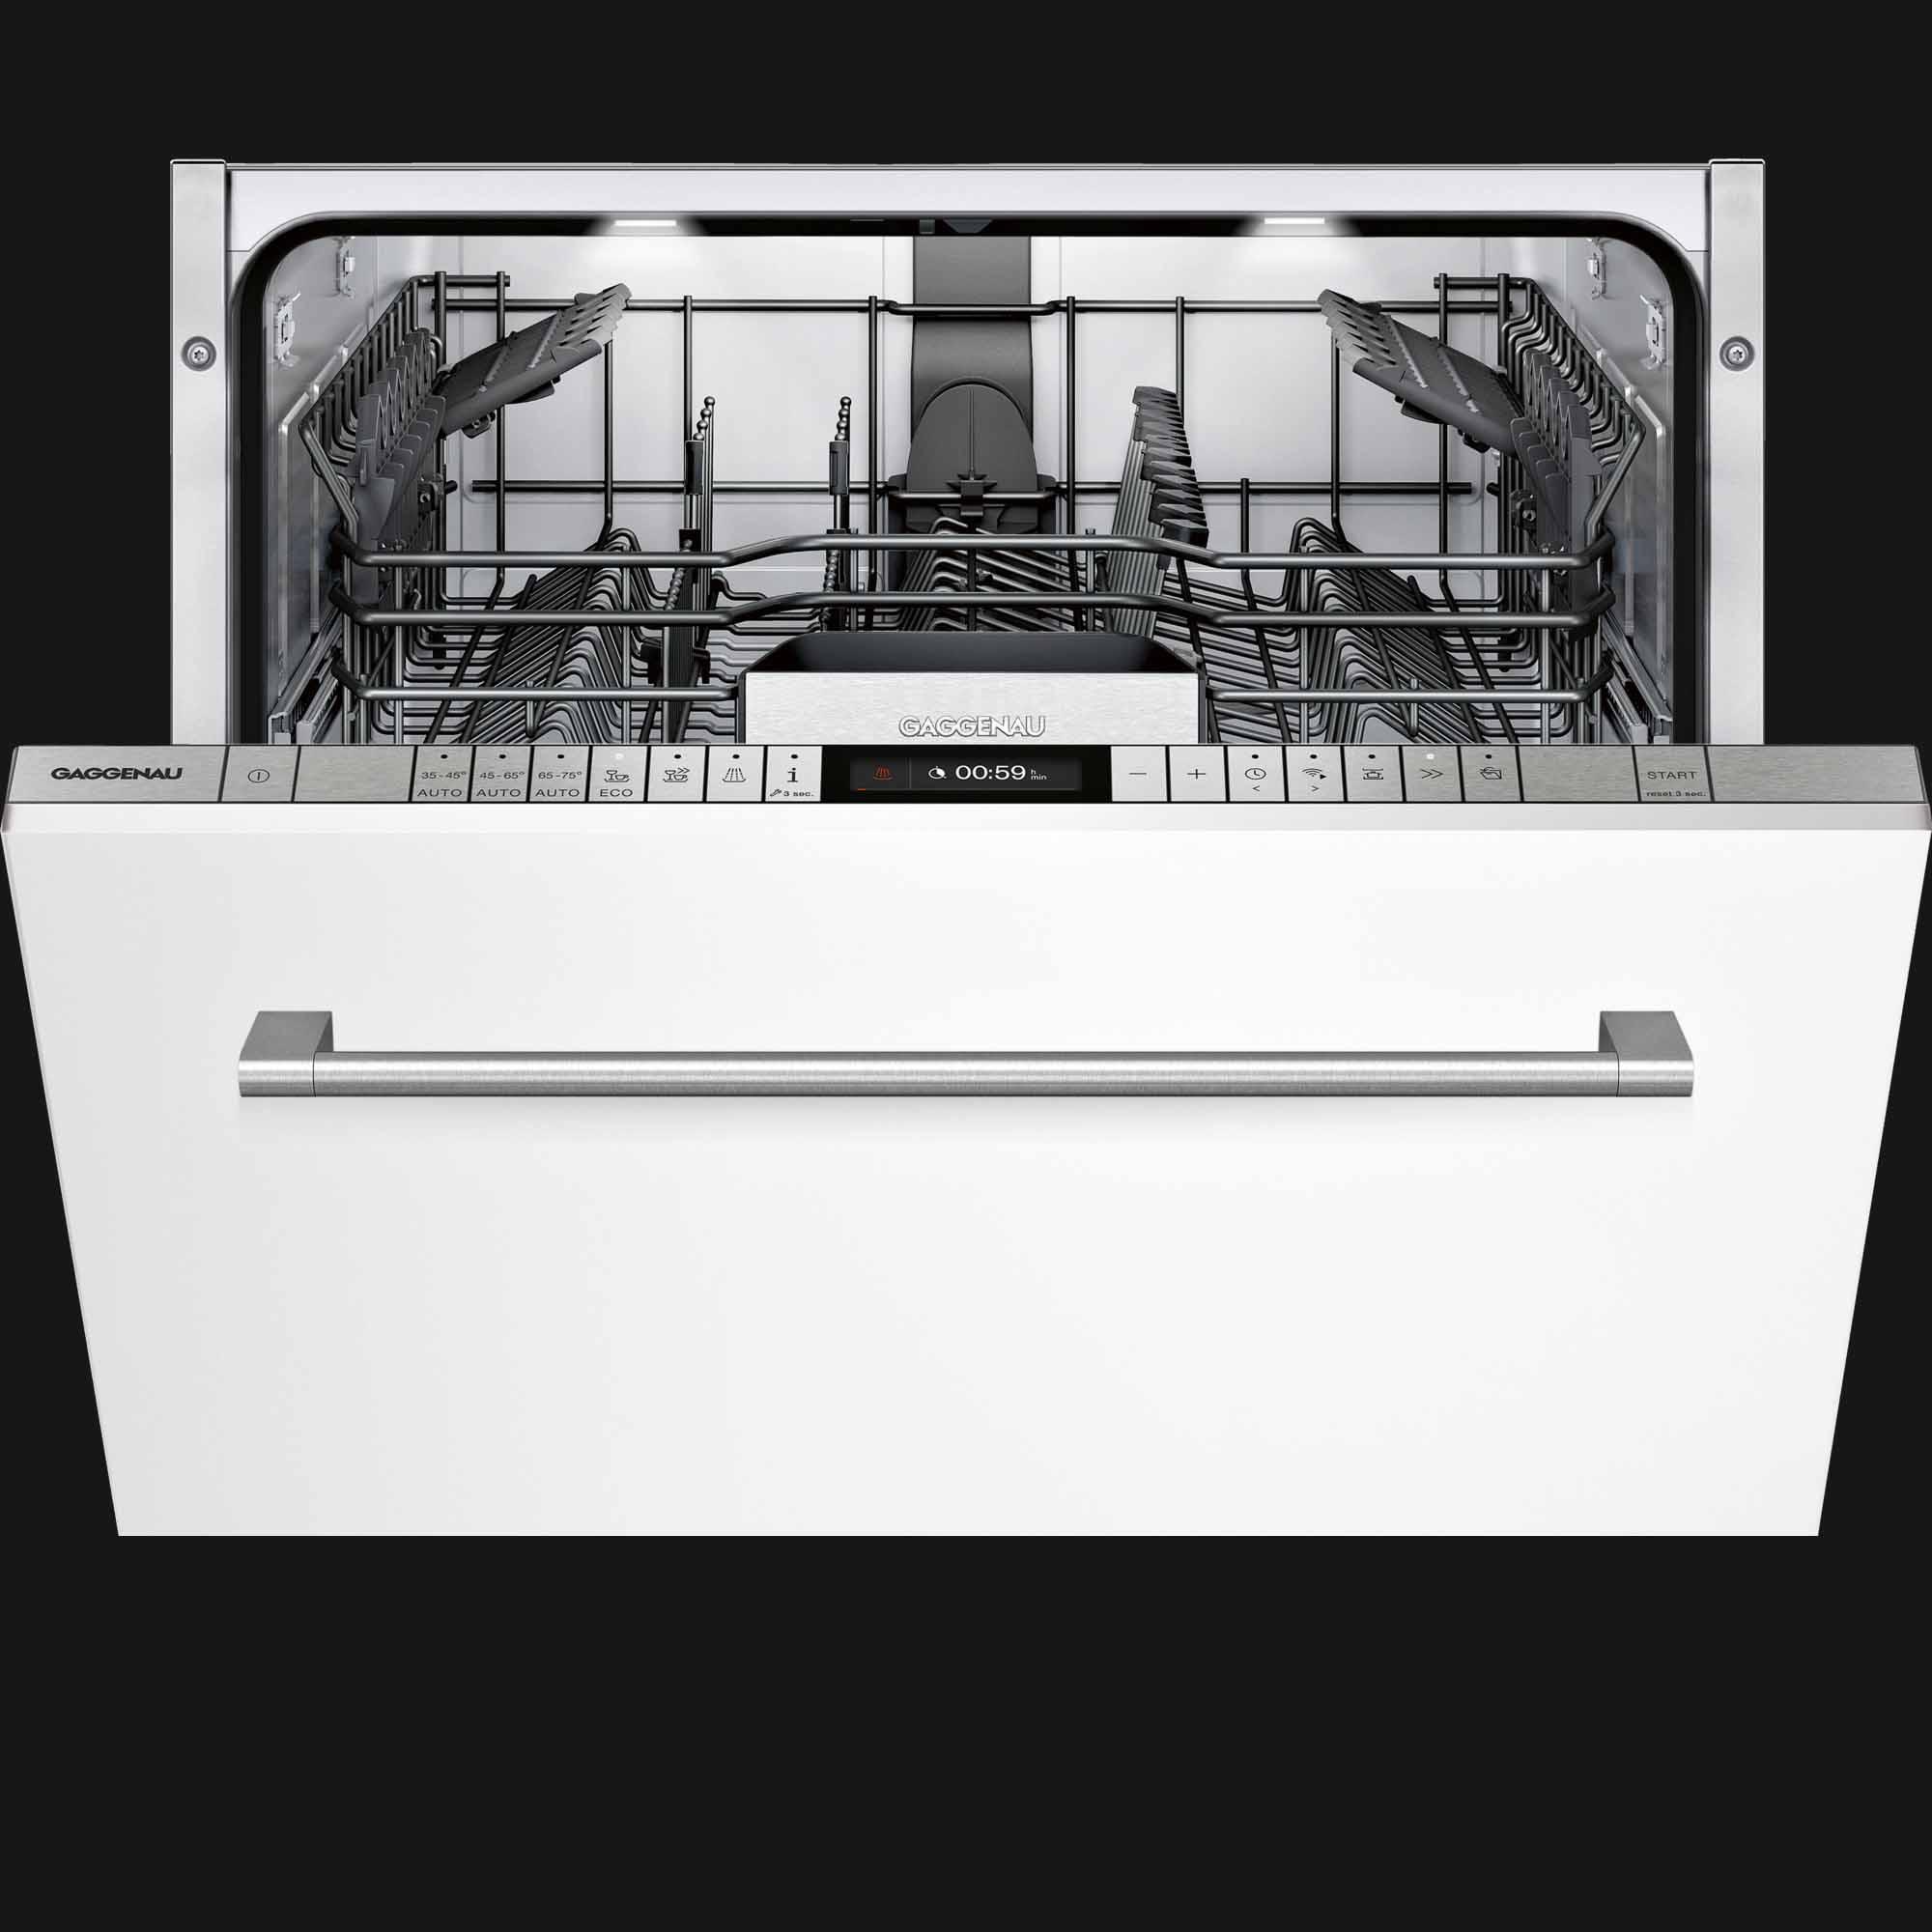 Посудомийна машина GAGGENAU DF480162